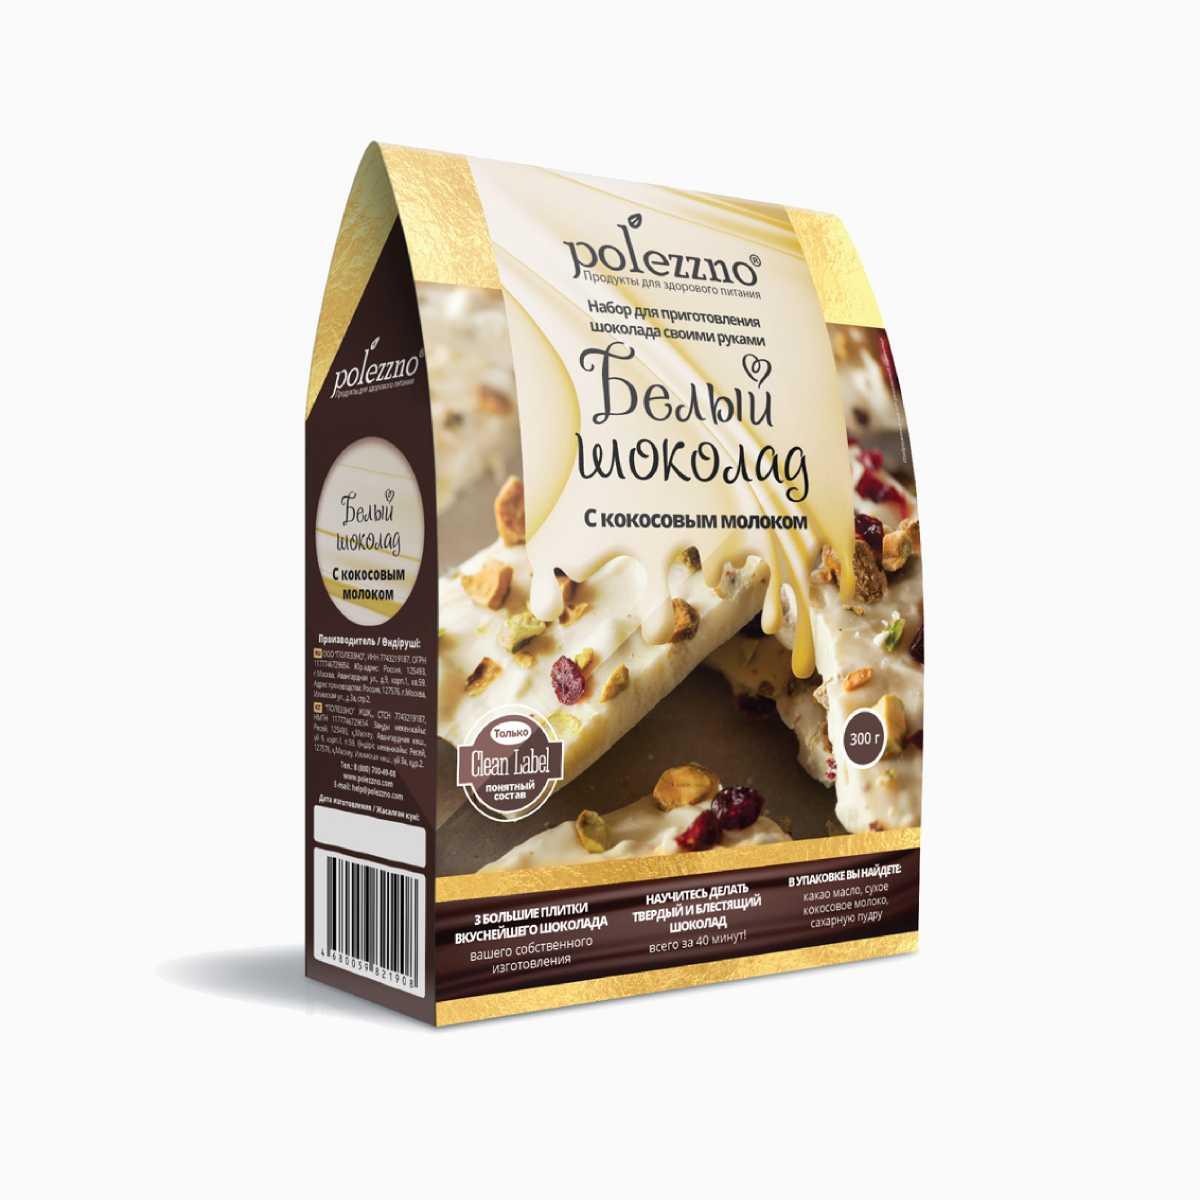 """Набор для приготовления шоколада """"Белый шоколад"""", Polezzno, 300 г"""